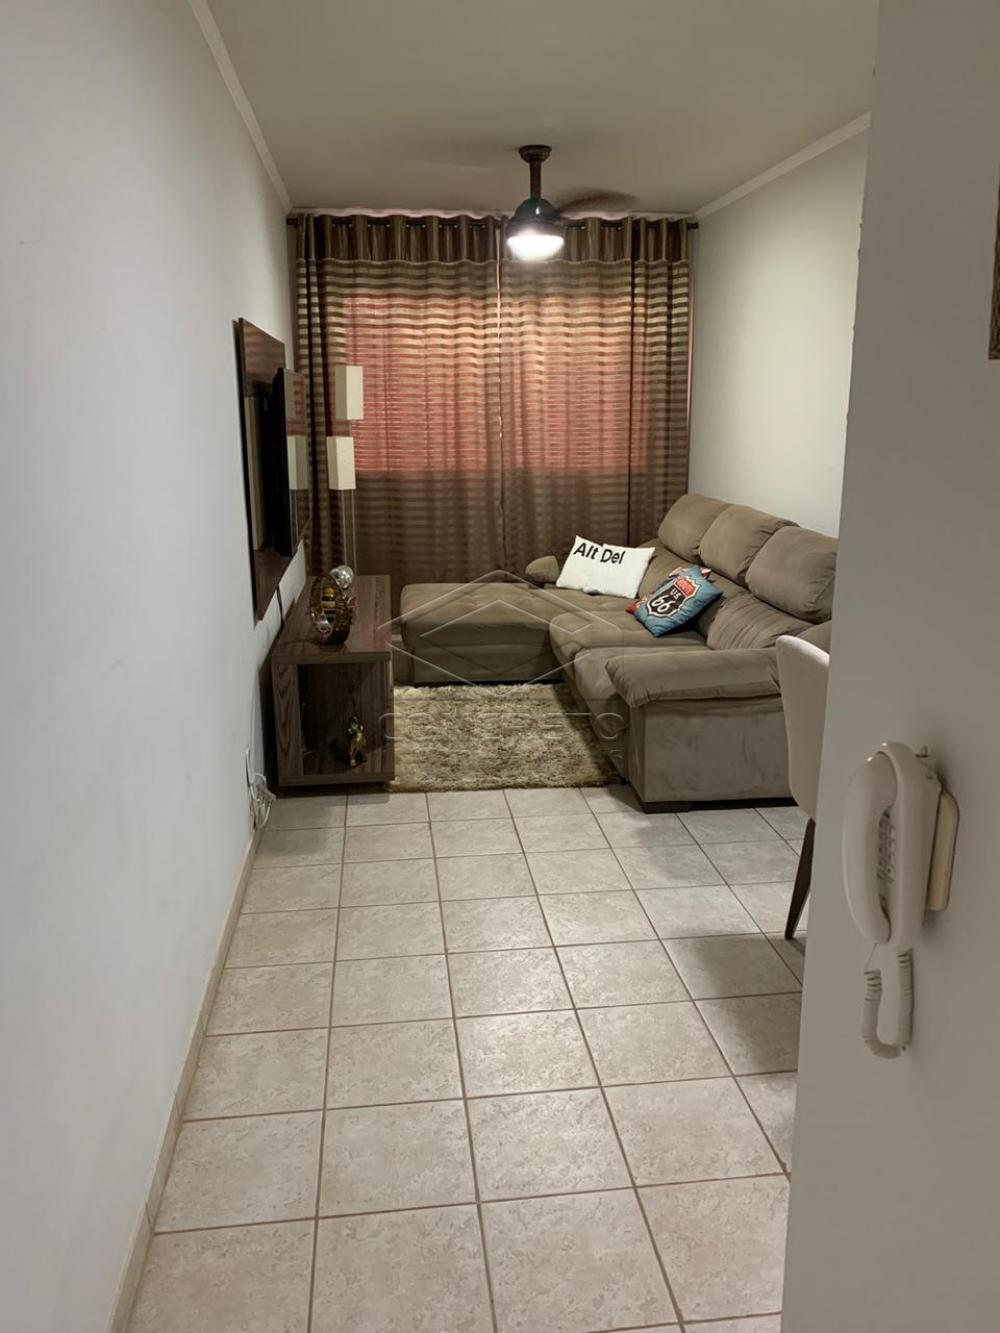 Comprar Apartamento / Padrão em Bauru apenas R$ 175.000,00 - Foto 15